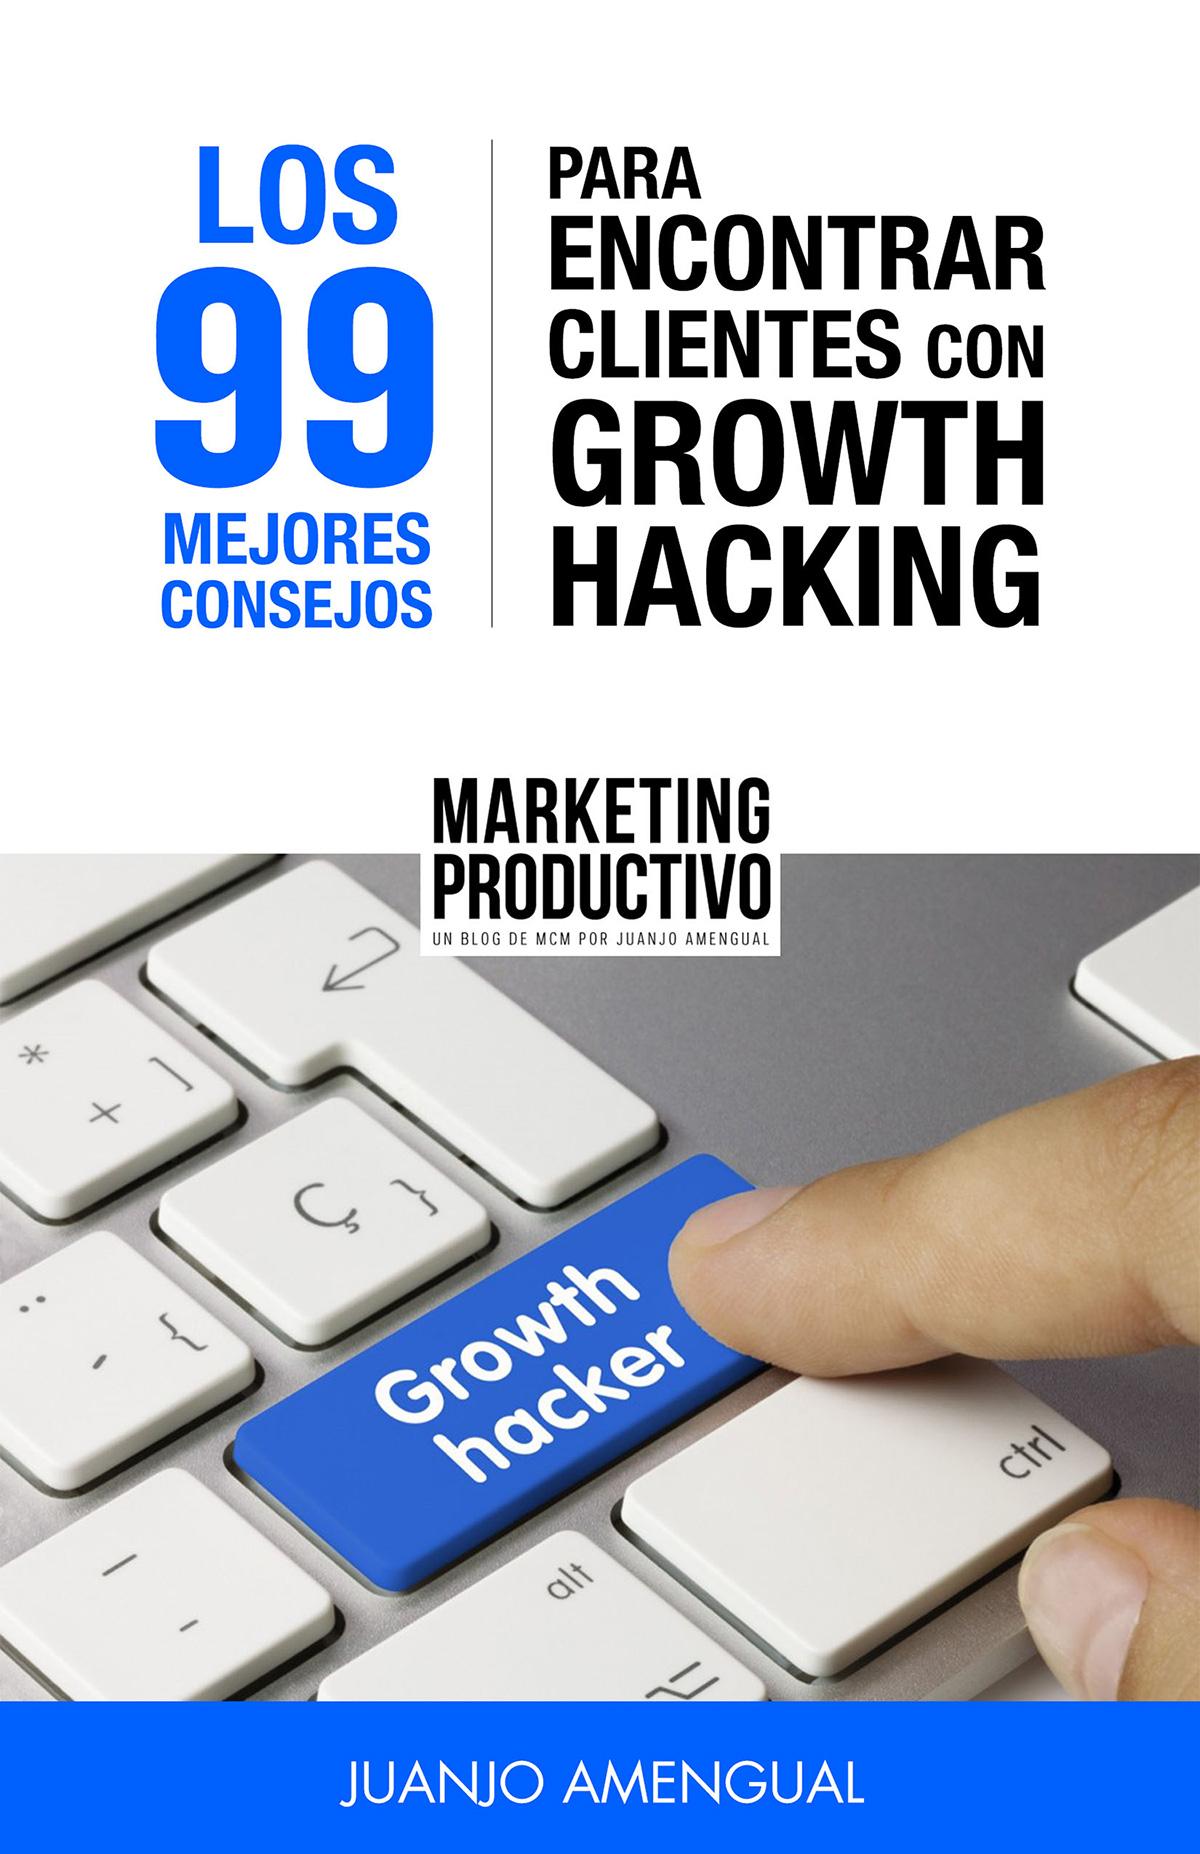 10 Tips de Growth Hacking para vender más